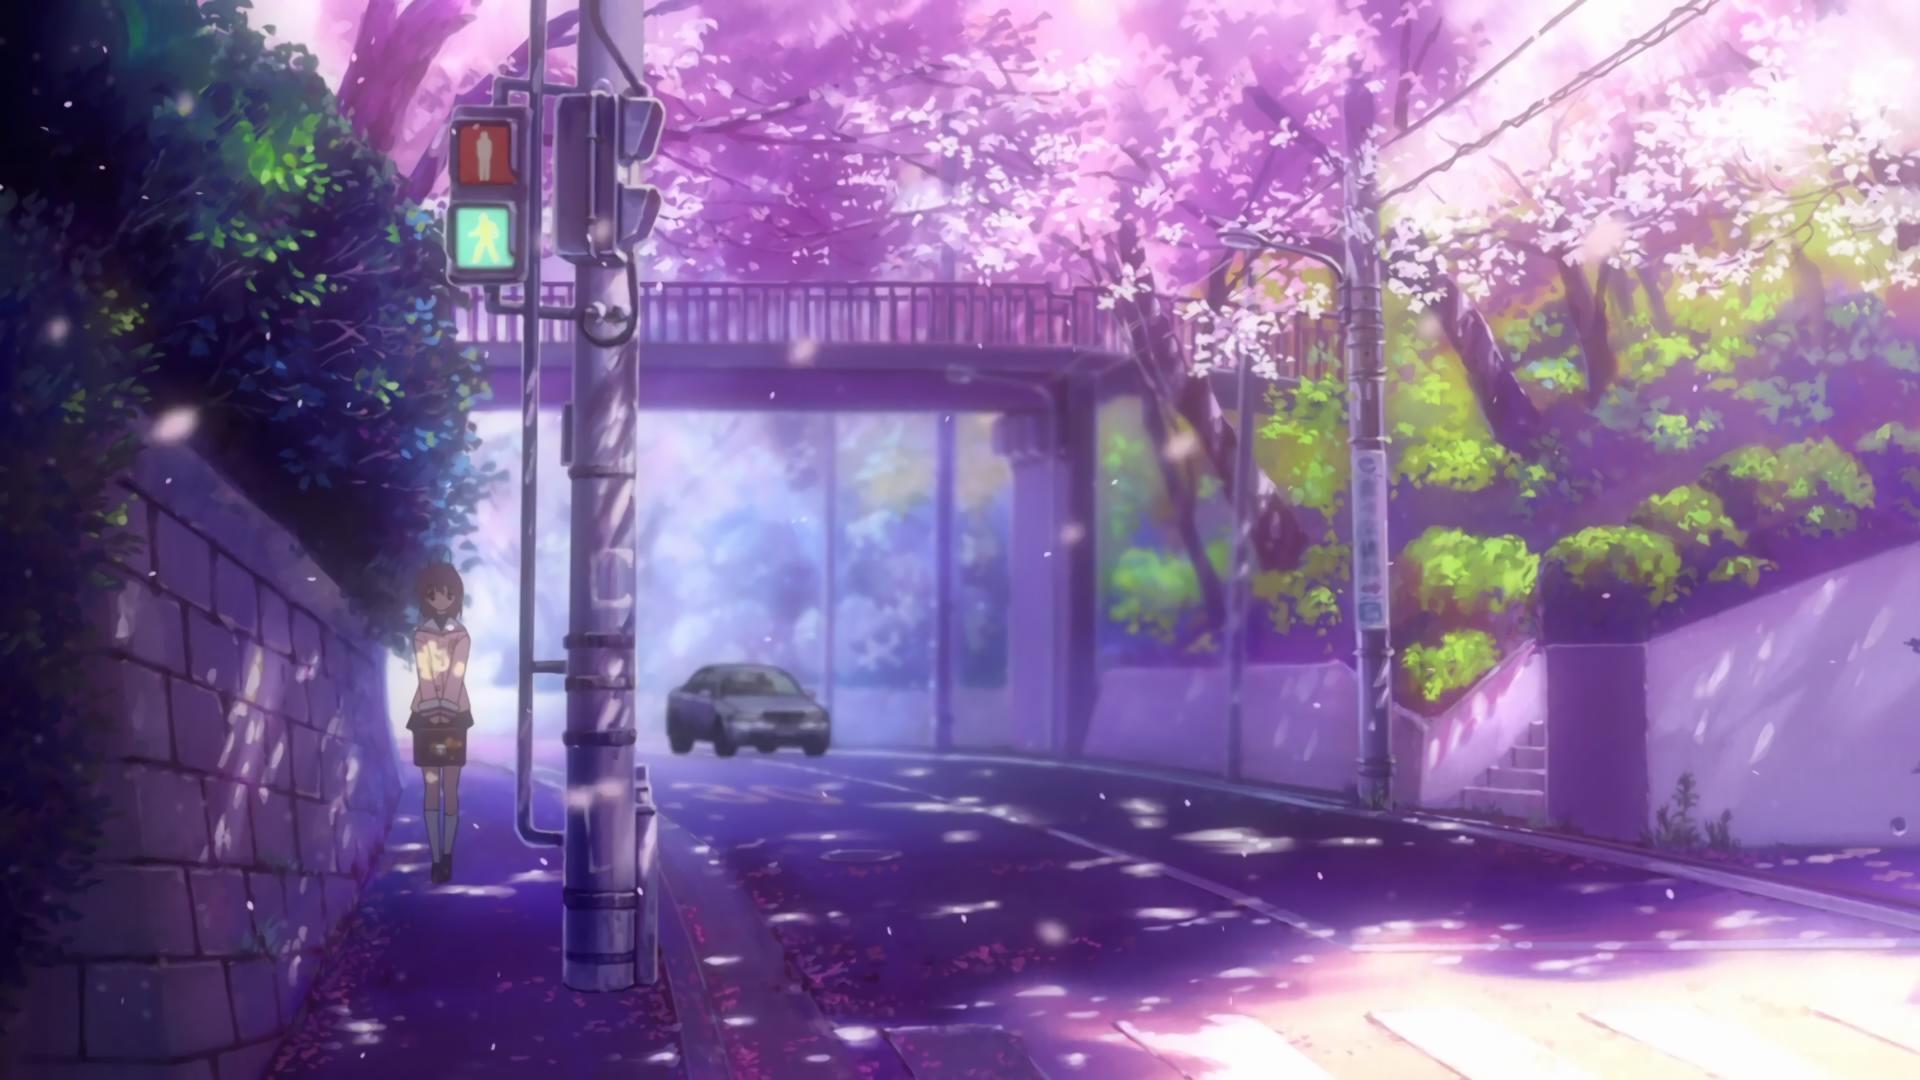 Wallpaper Street Clannad Nagisa Furukawa Screenshot 1920x1080